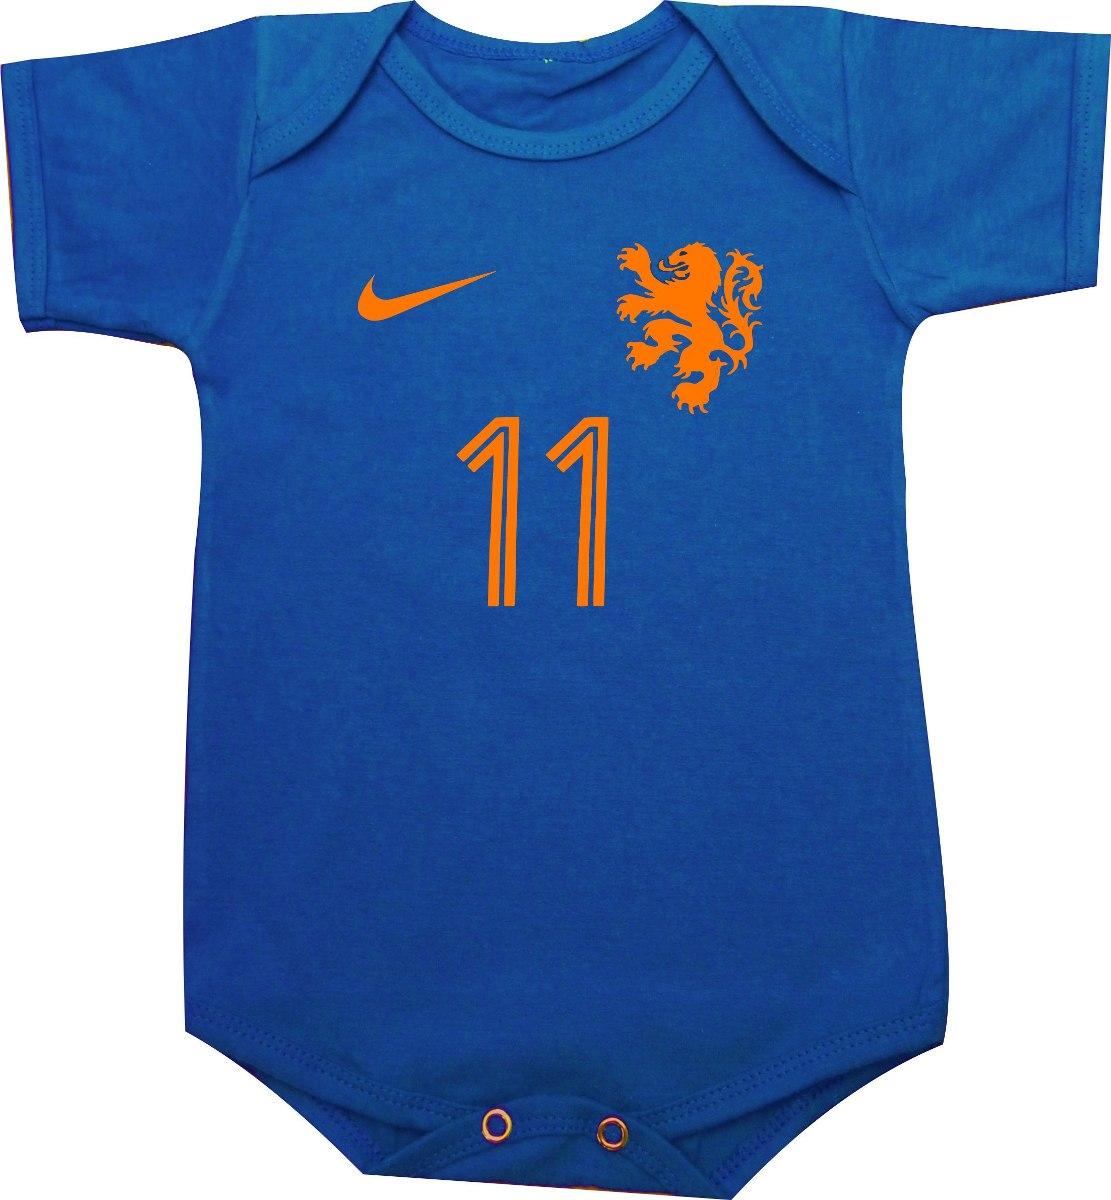 body ou camiseta seleção holandesa holanda robben van persie. Carregando  zoom. b21f69d4de808